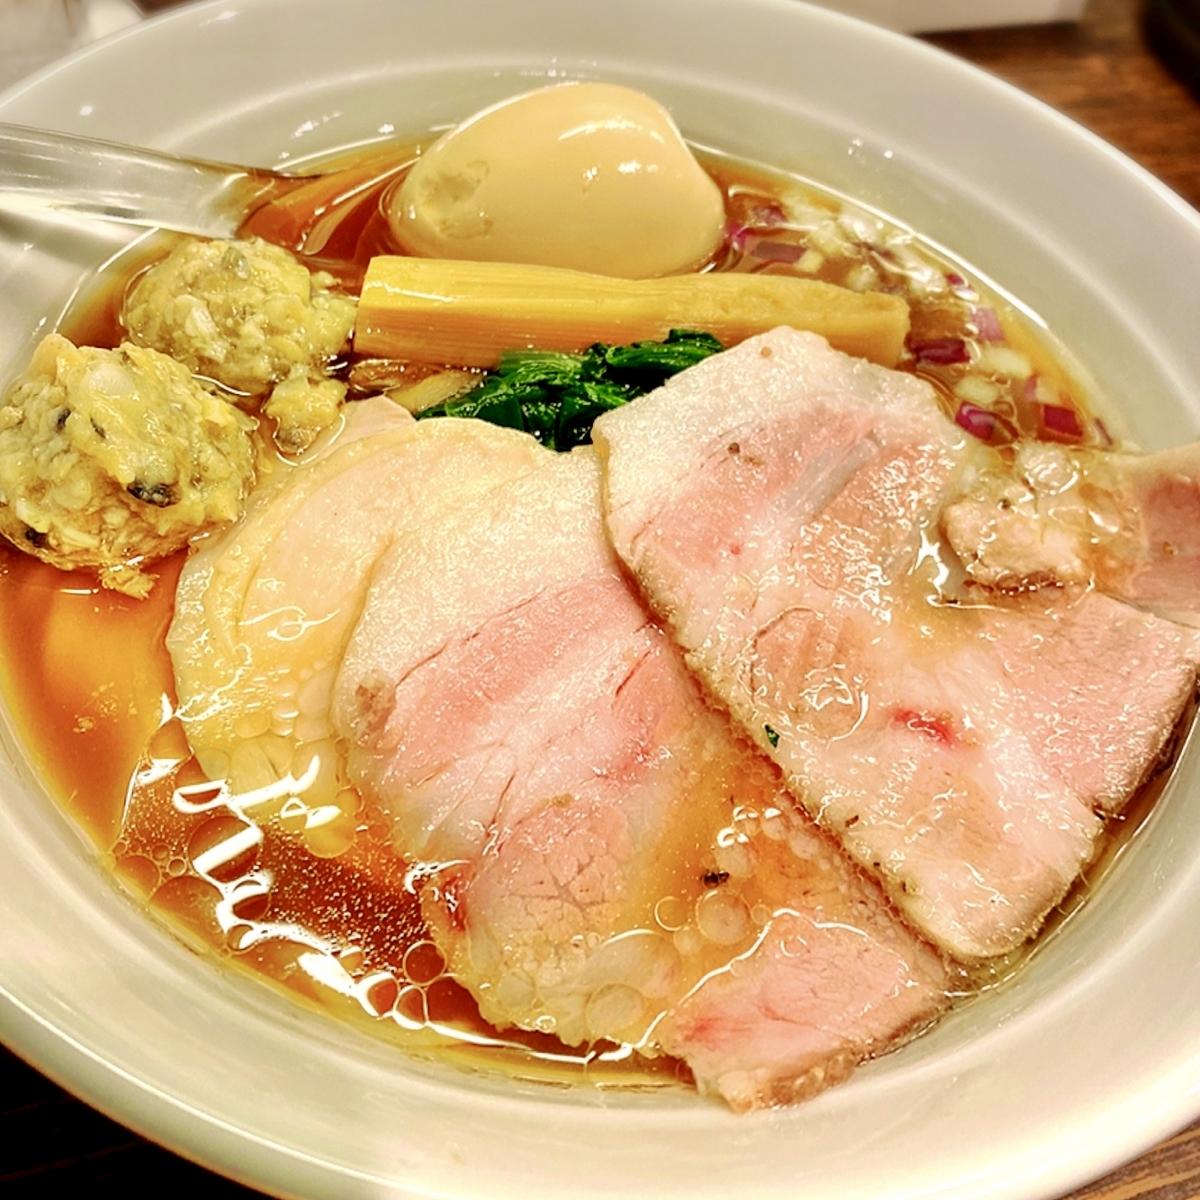 貝出汁の上品なスープが美味い中華そばがいただけるお店が吉祥寺にニューオープン